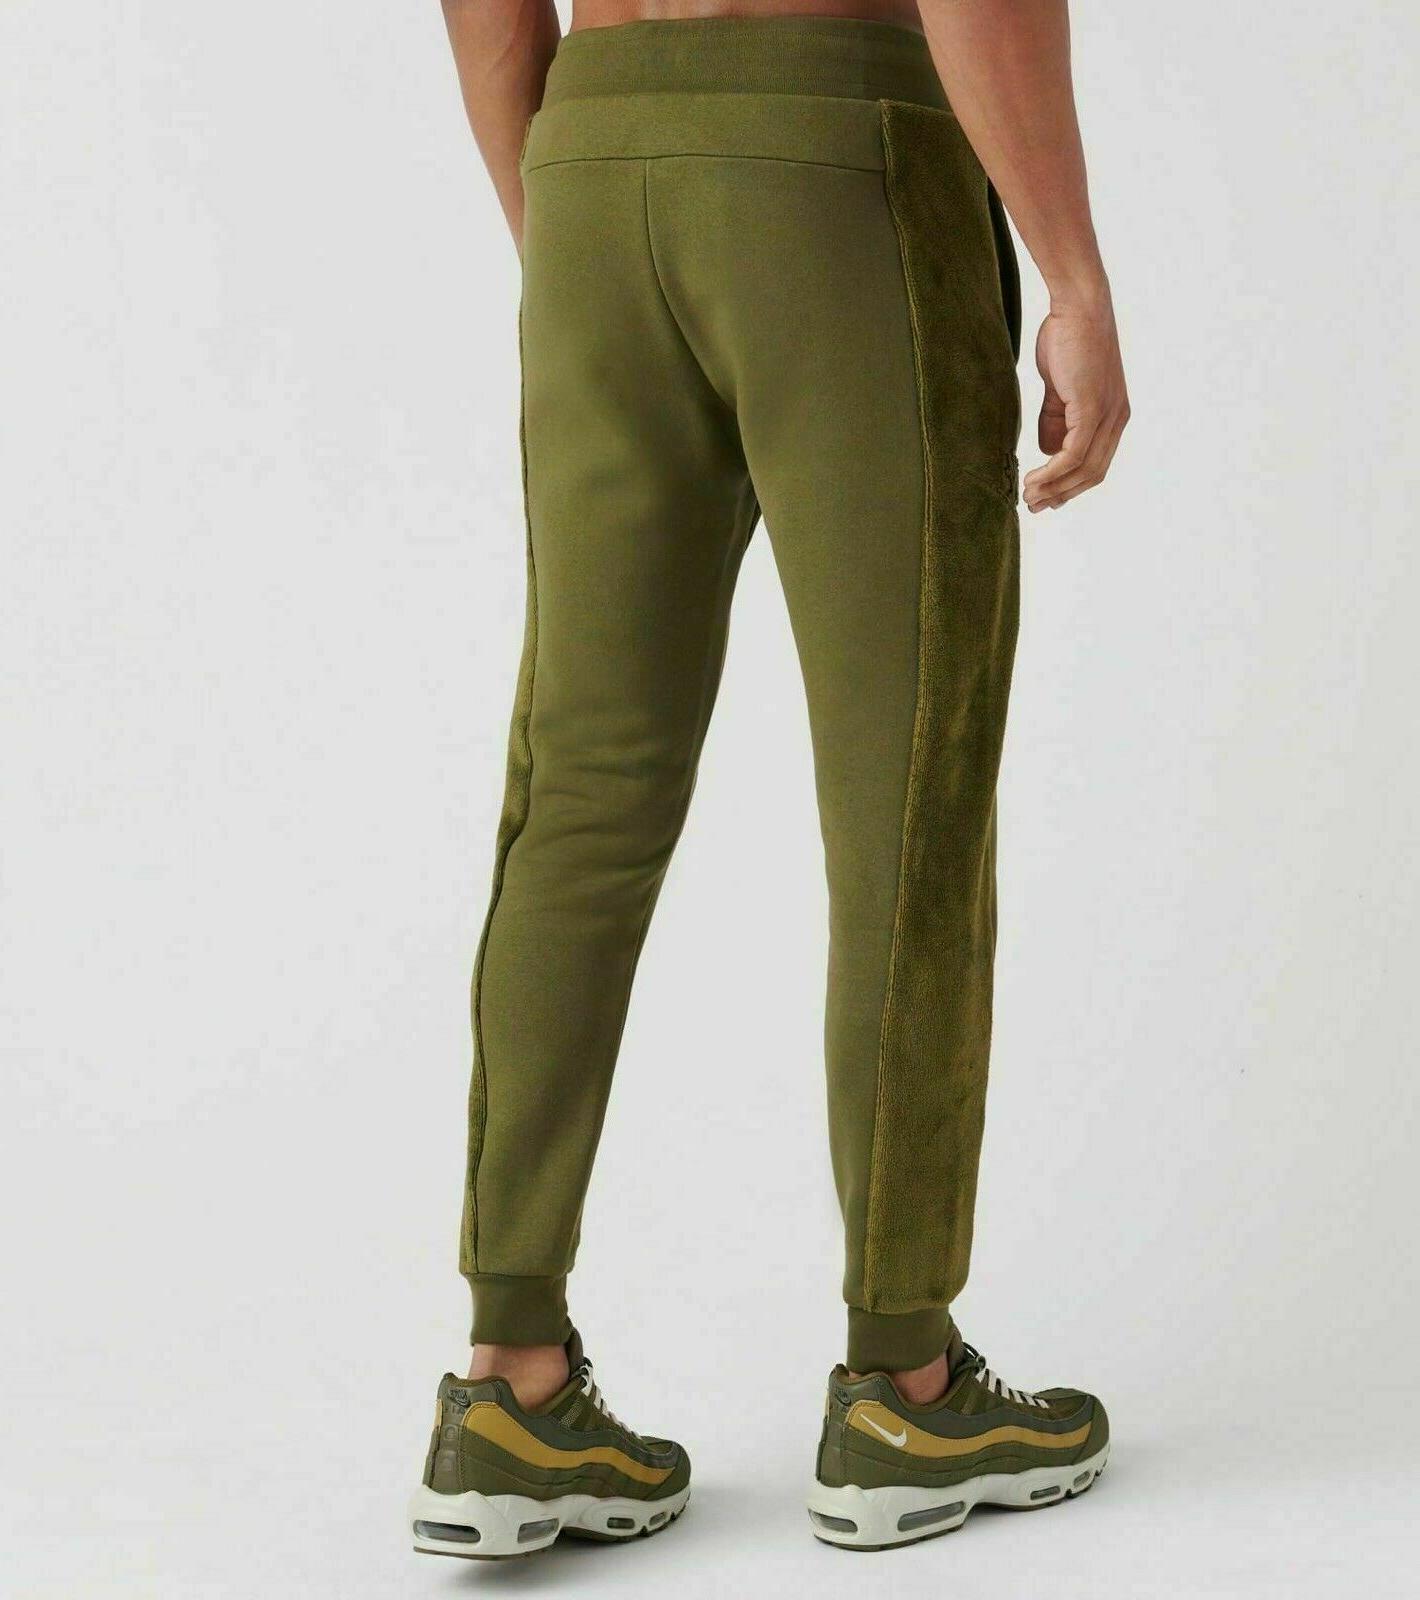 Nike Sherpa Sweatpants Green NWT